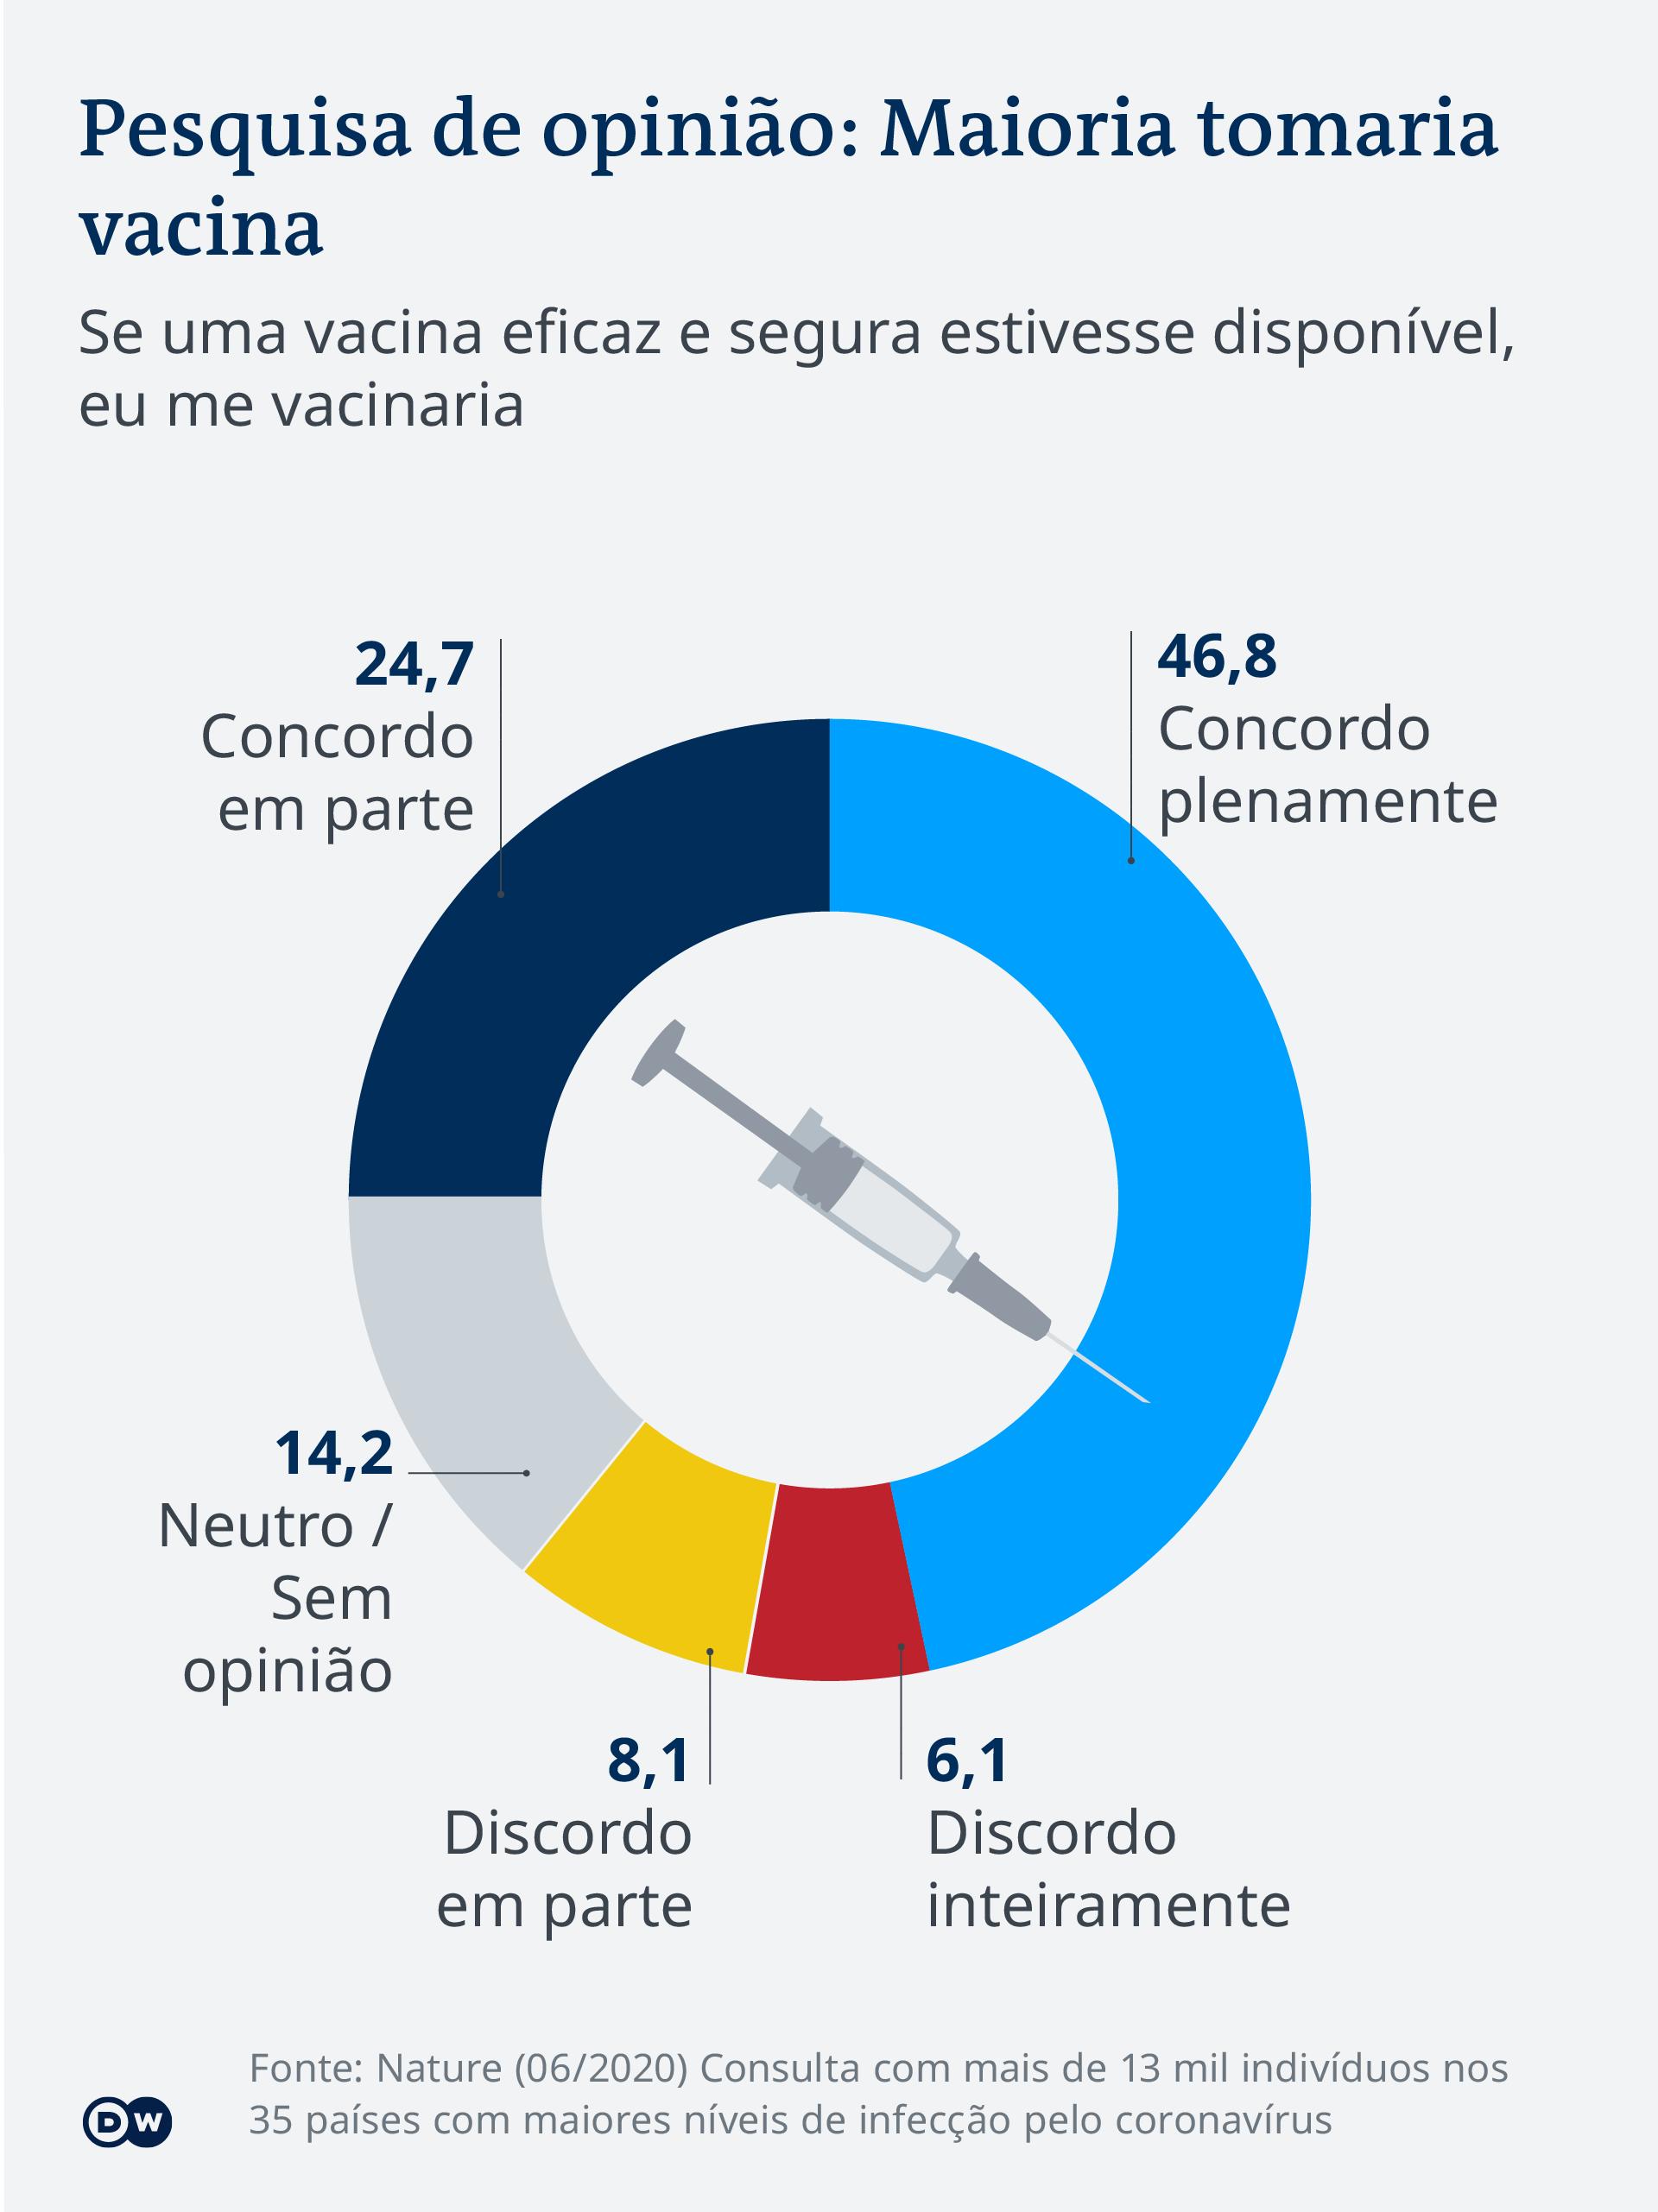 Pesquisa de opinião: quem tomaria a vacina?